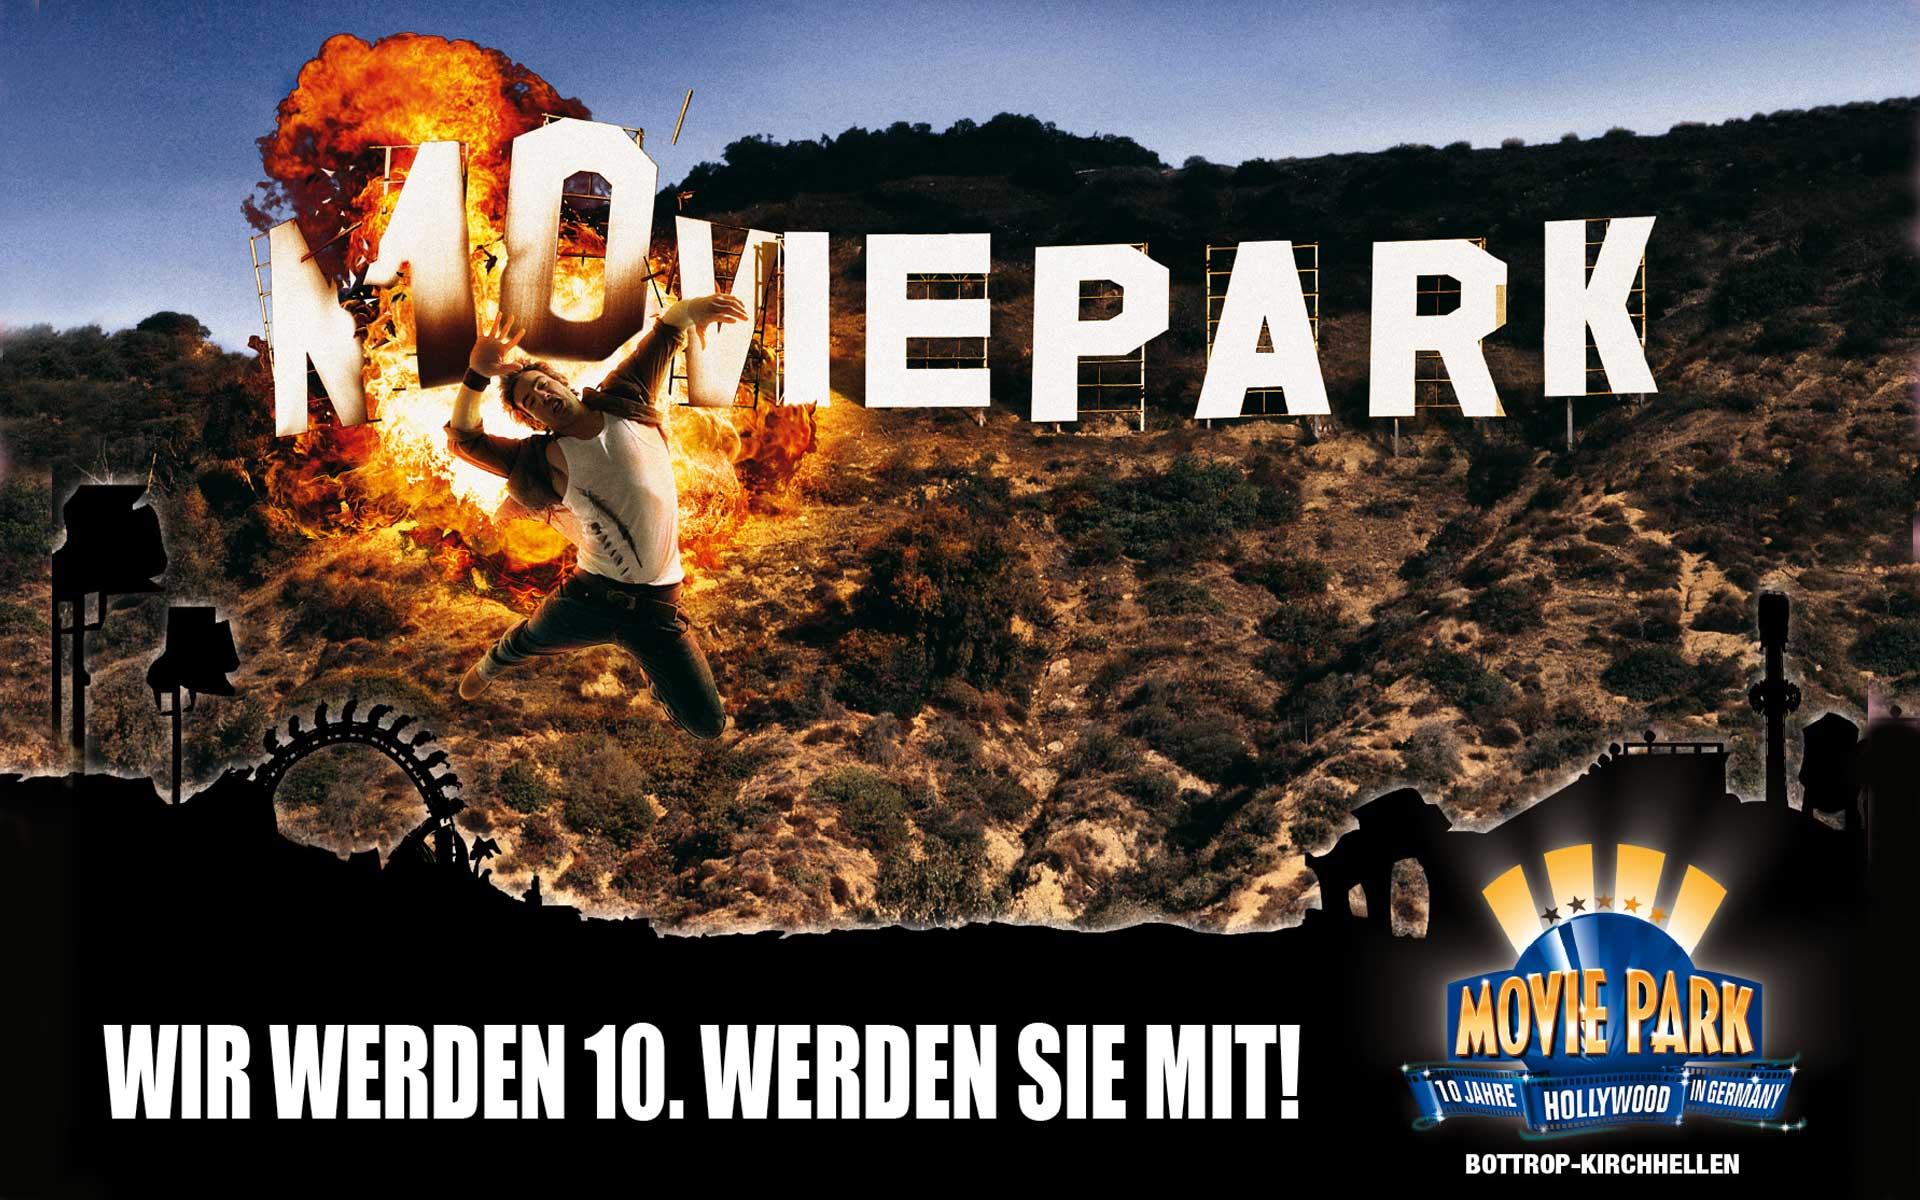 Plakatwerbung; Marketingberatung zur Eröffnung einer Stunt Show